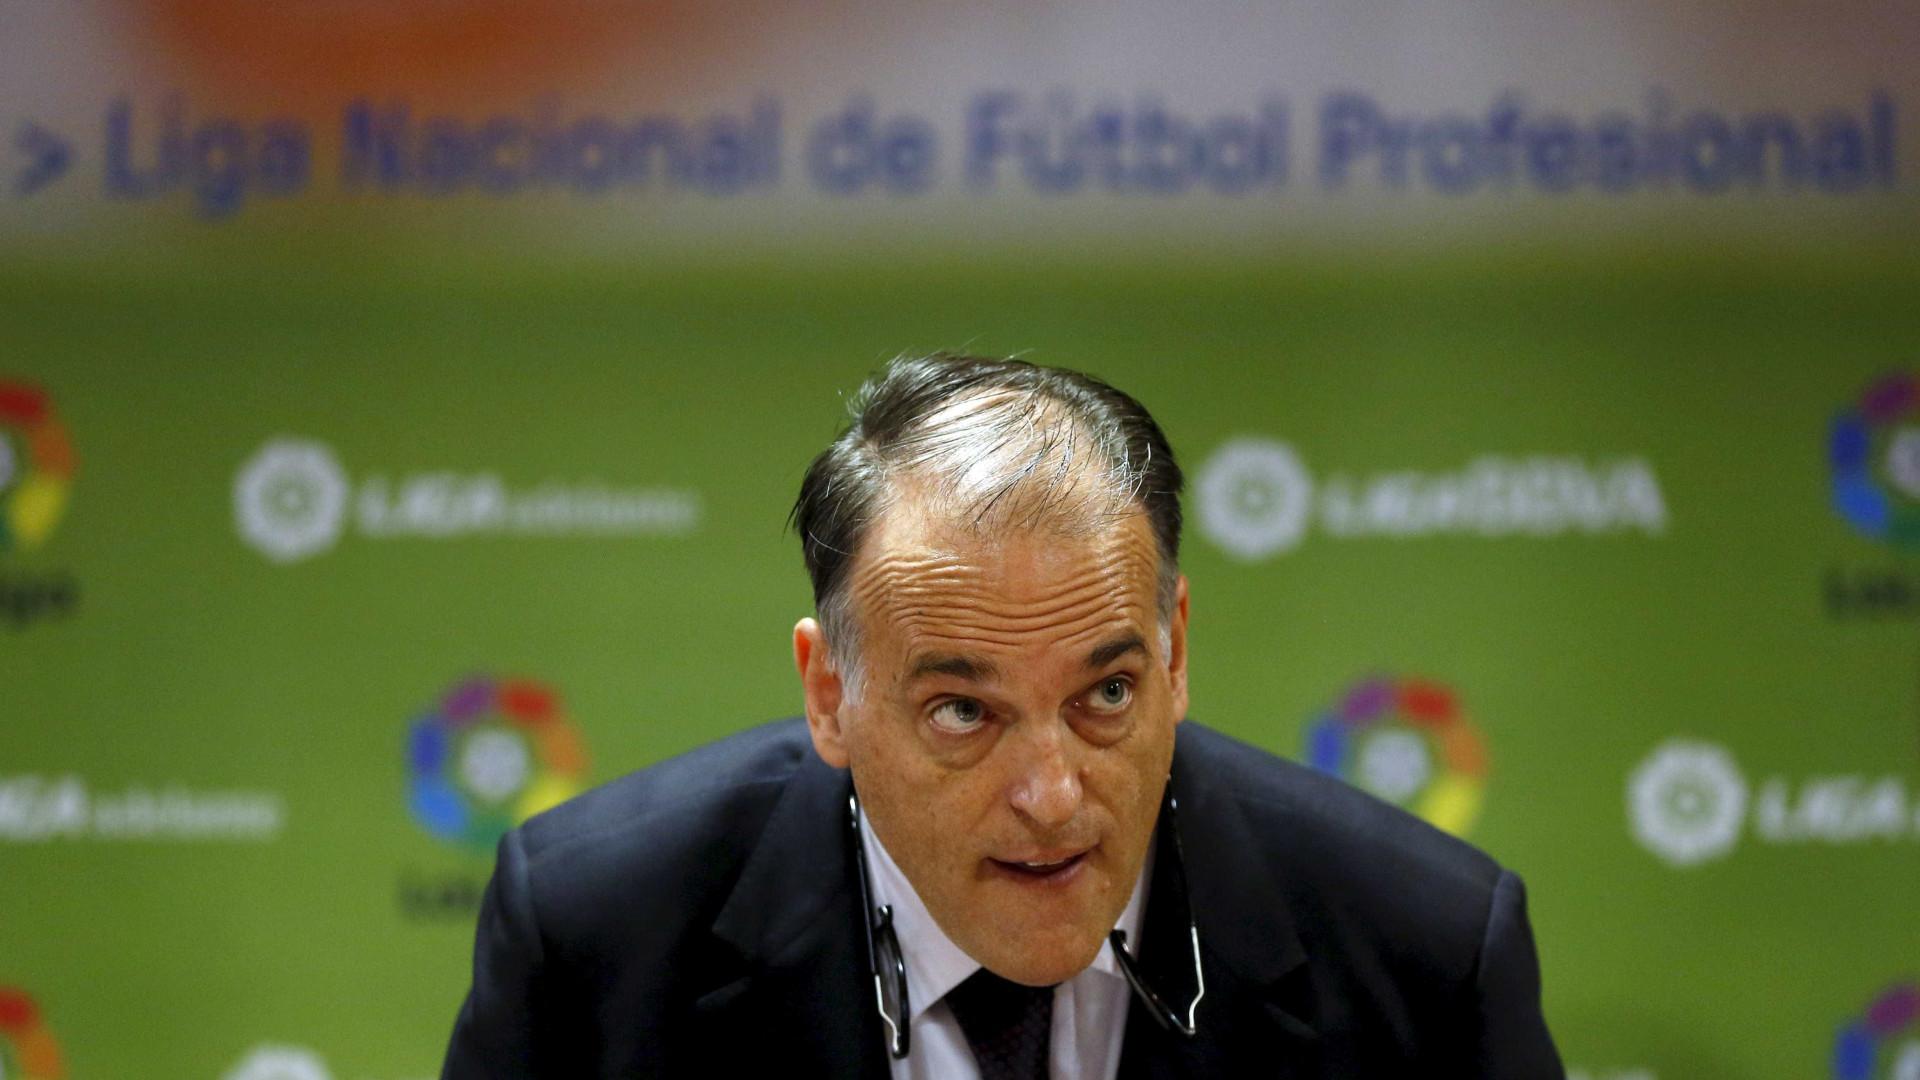 """Liga espanhola denuncia PSG e City por """"manhas no fair-play financeiro"""""""